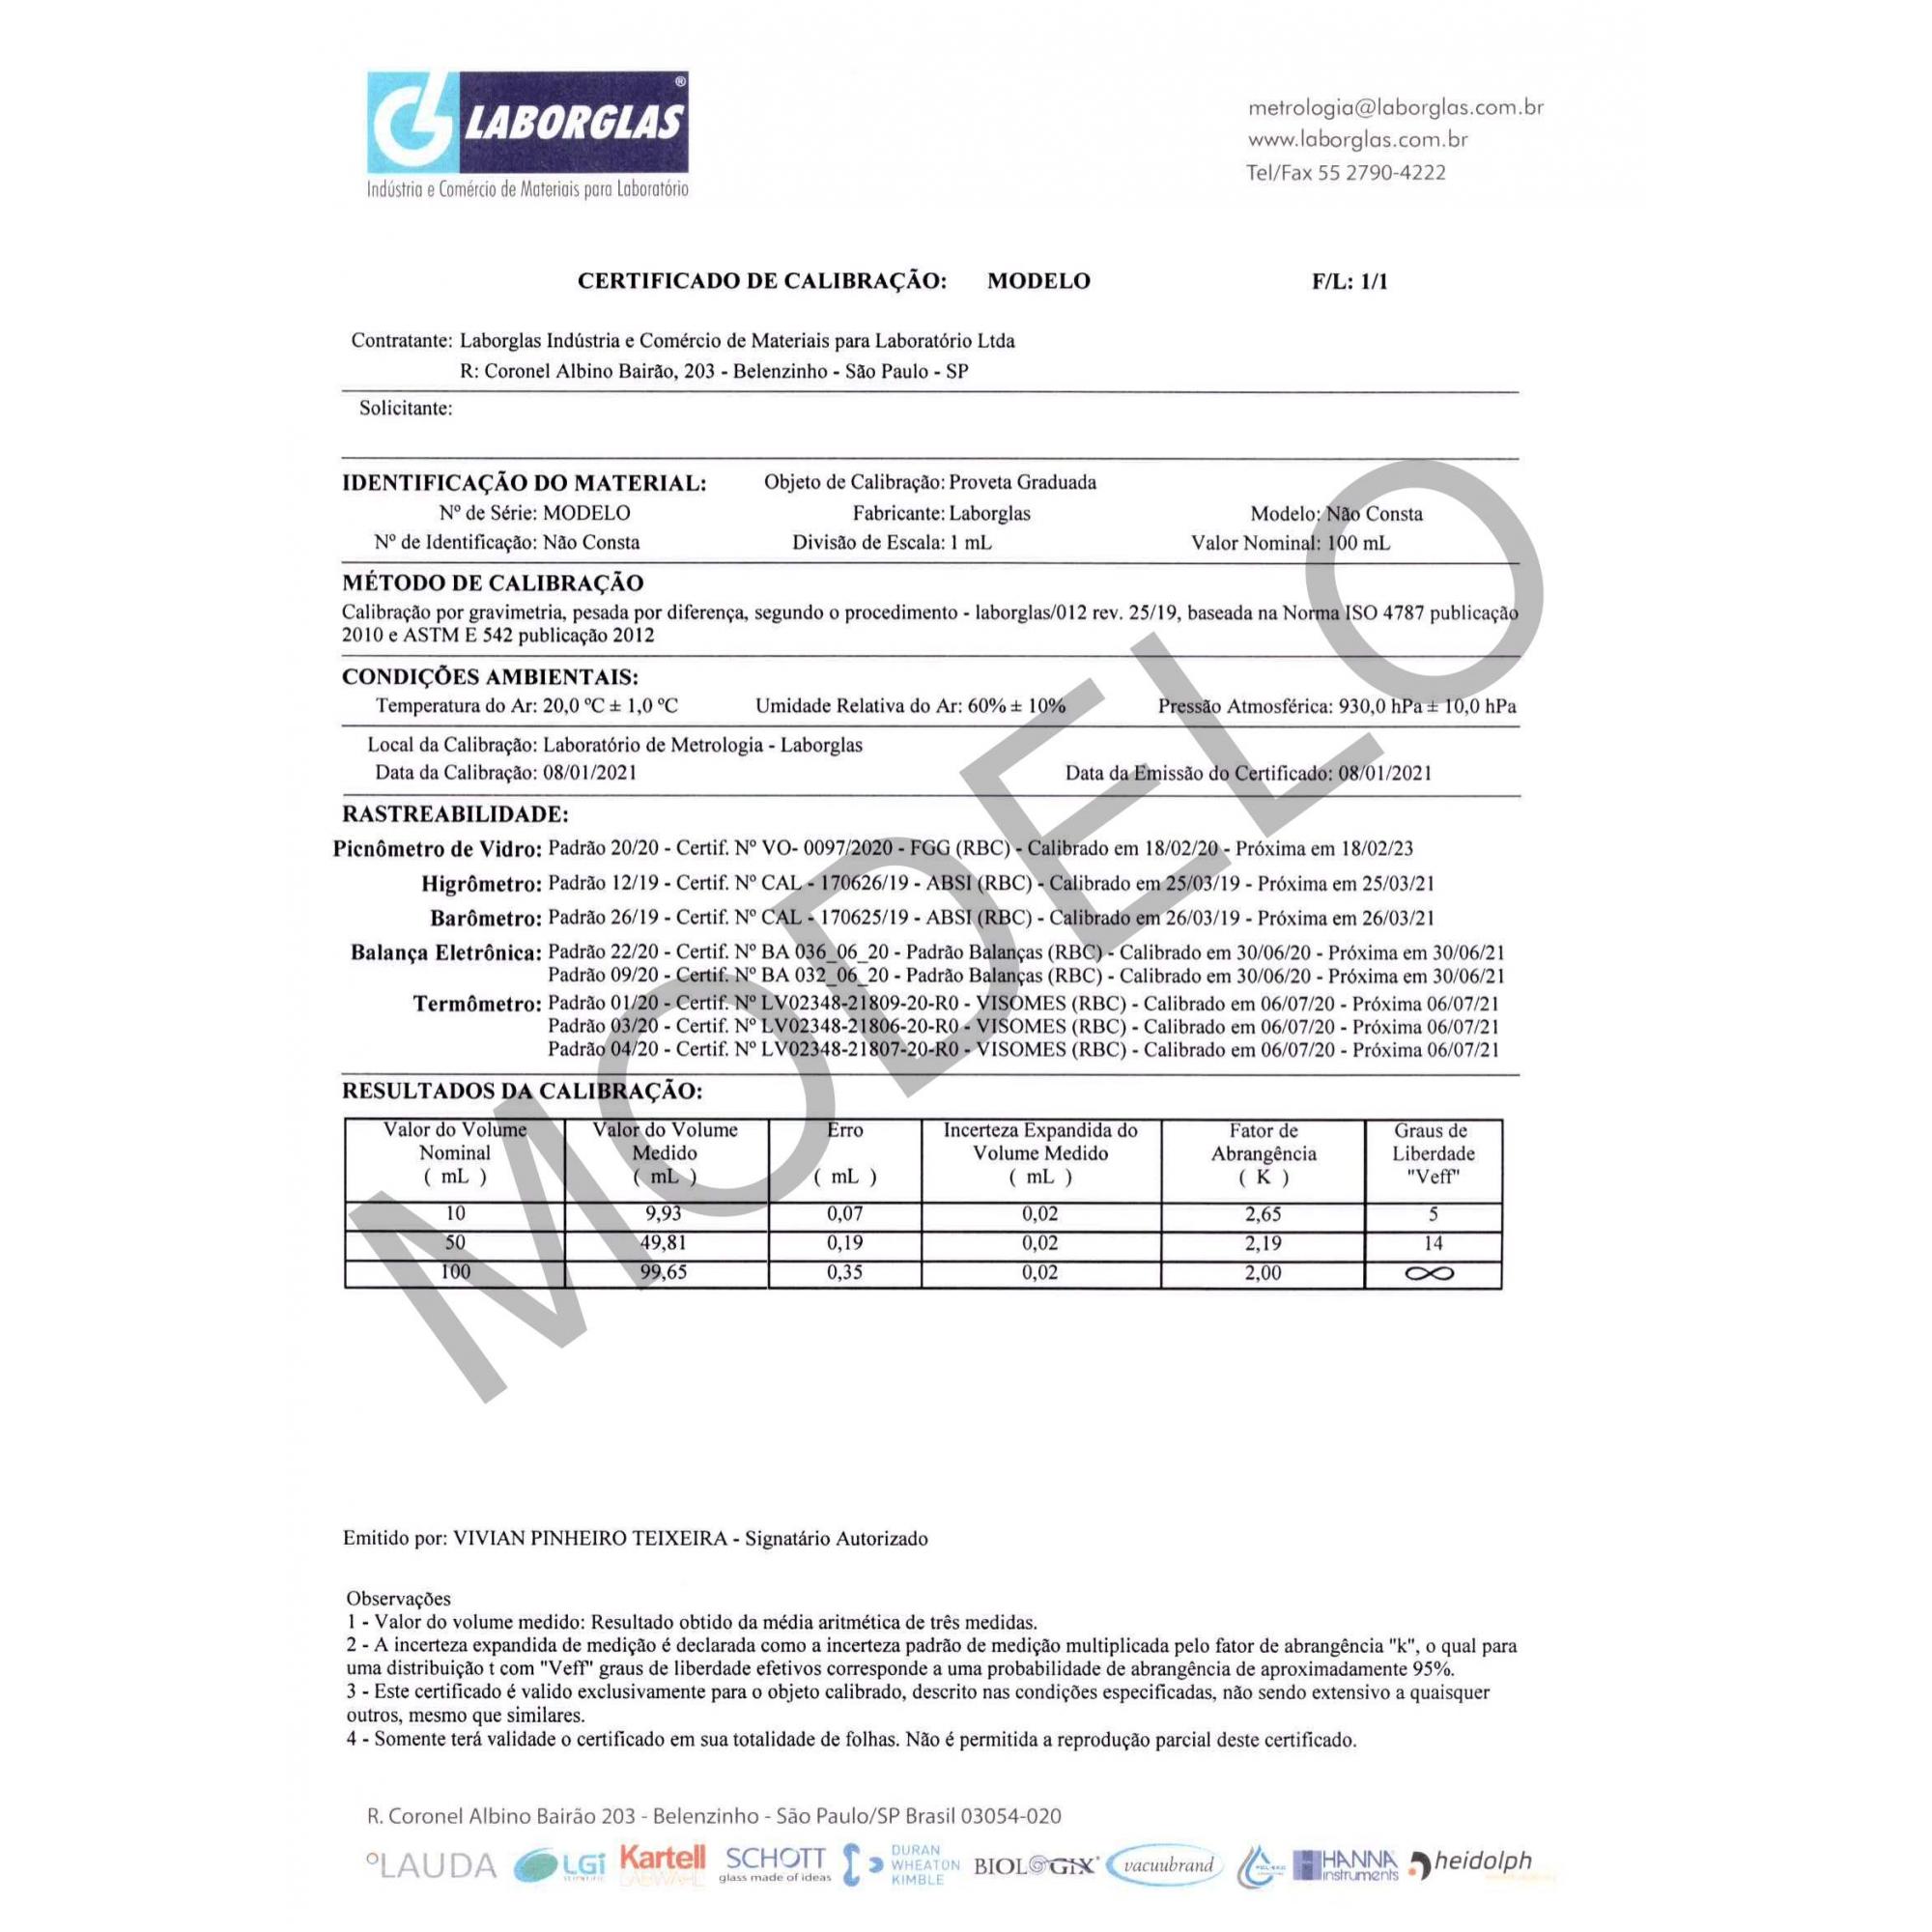 PROVETA GRADUADA BASE HEXAGONAL DE POLIPROPILENO 25 ML CERTIFICADO RASTREÁVEL - Laborglas - Cód. 9138614-C